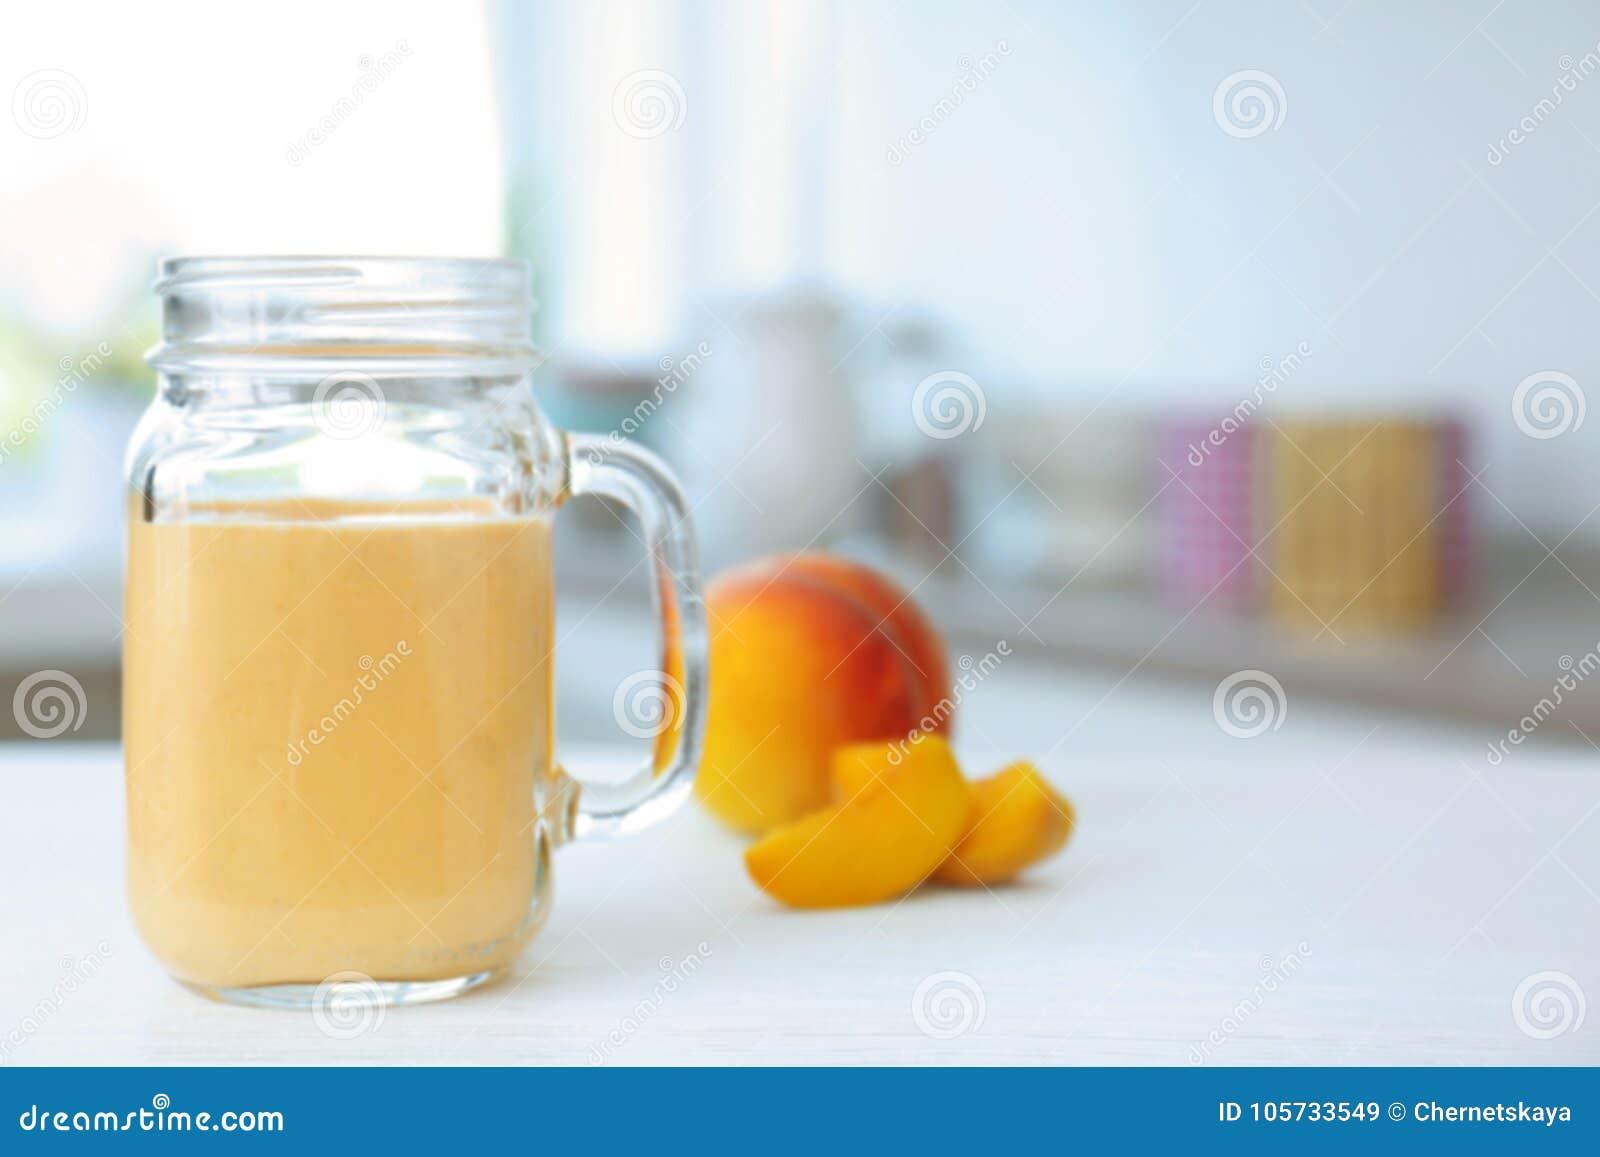 有鲜美圆滑的人和桃子的水罐